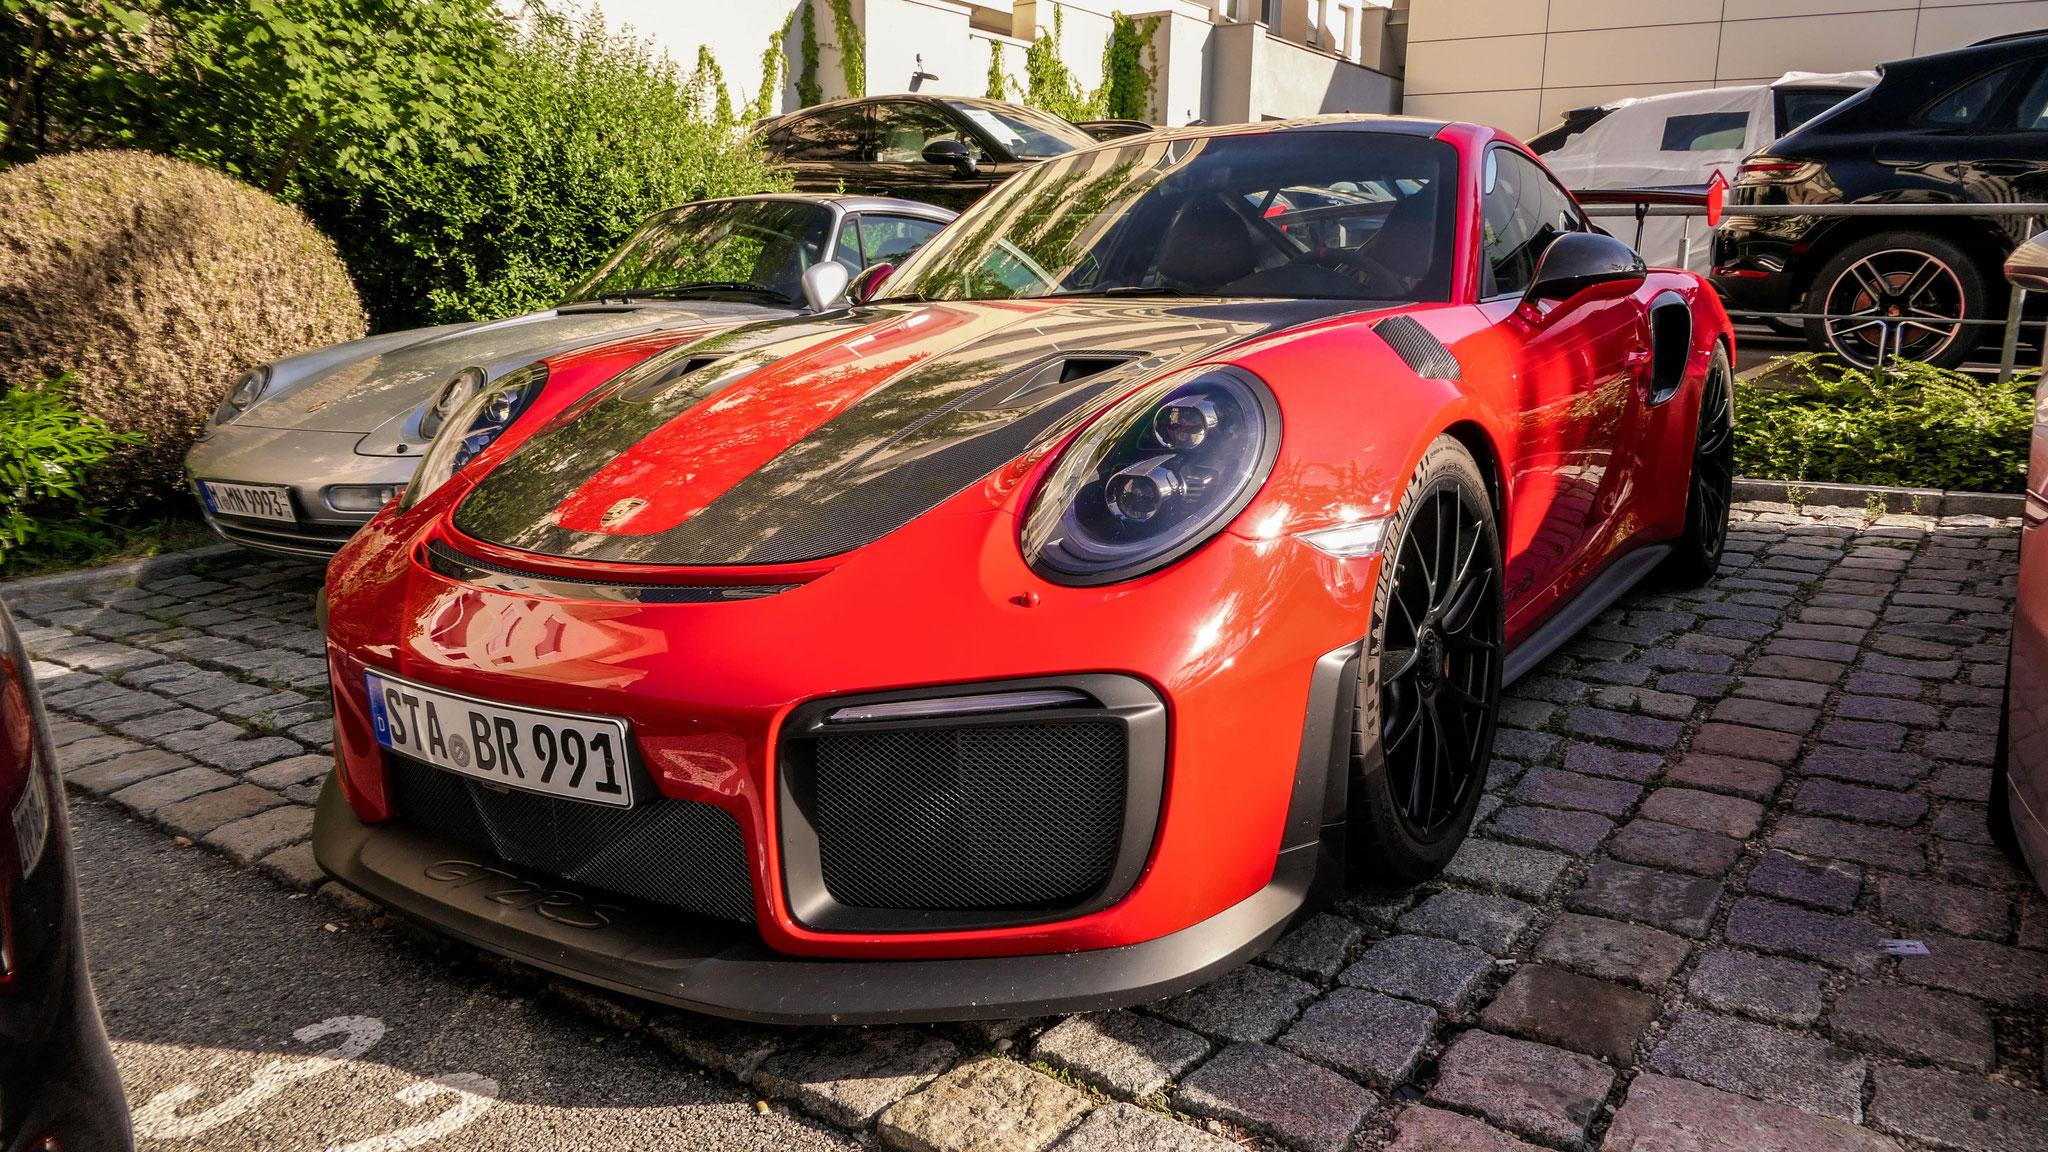 Porsche GT2 RS - STA-BR-991